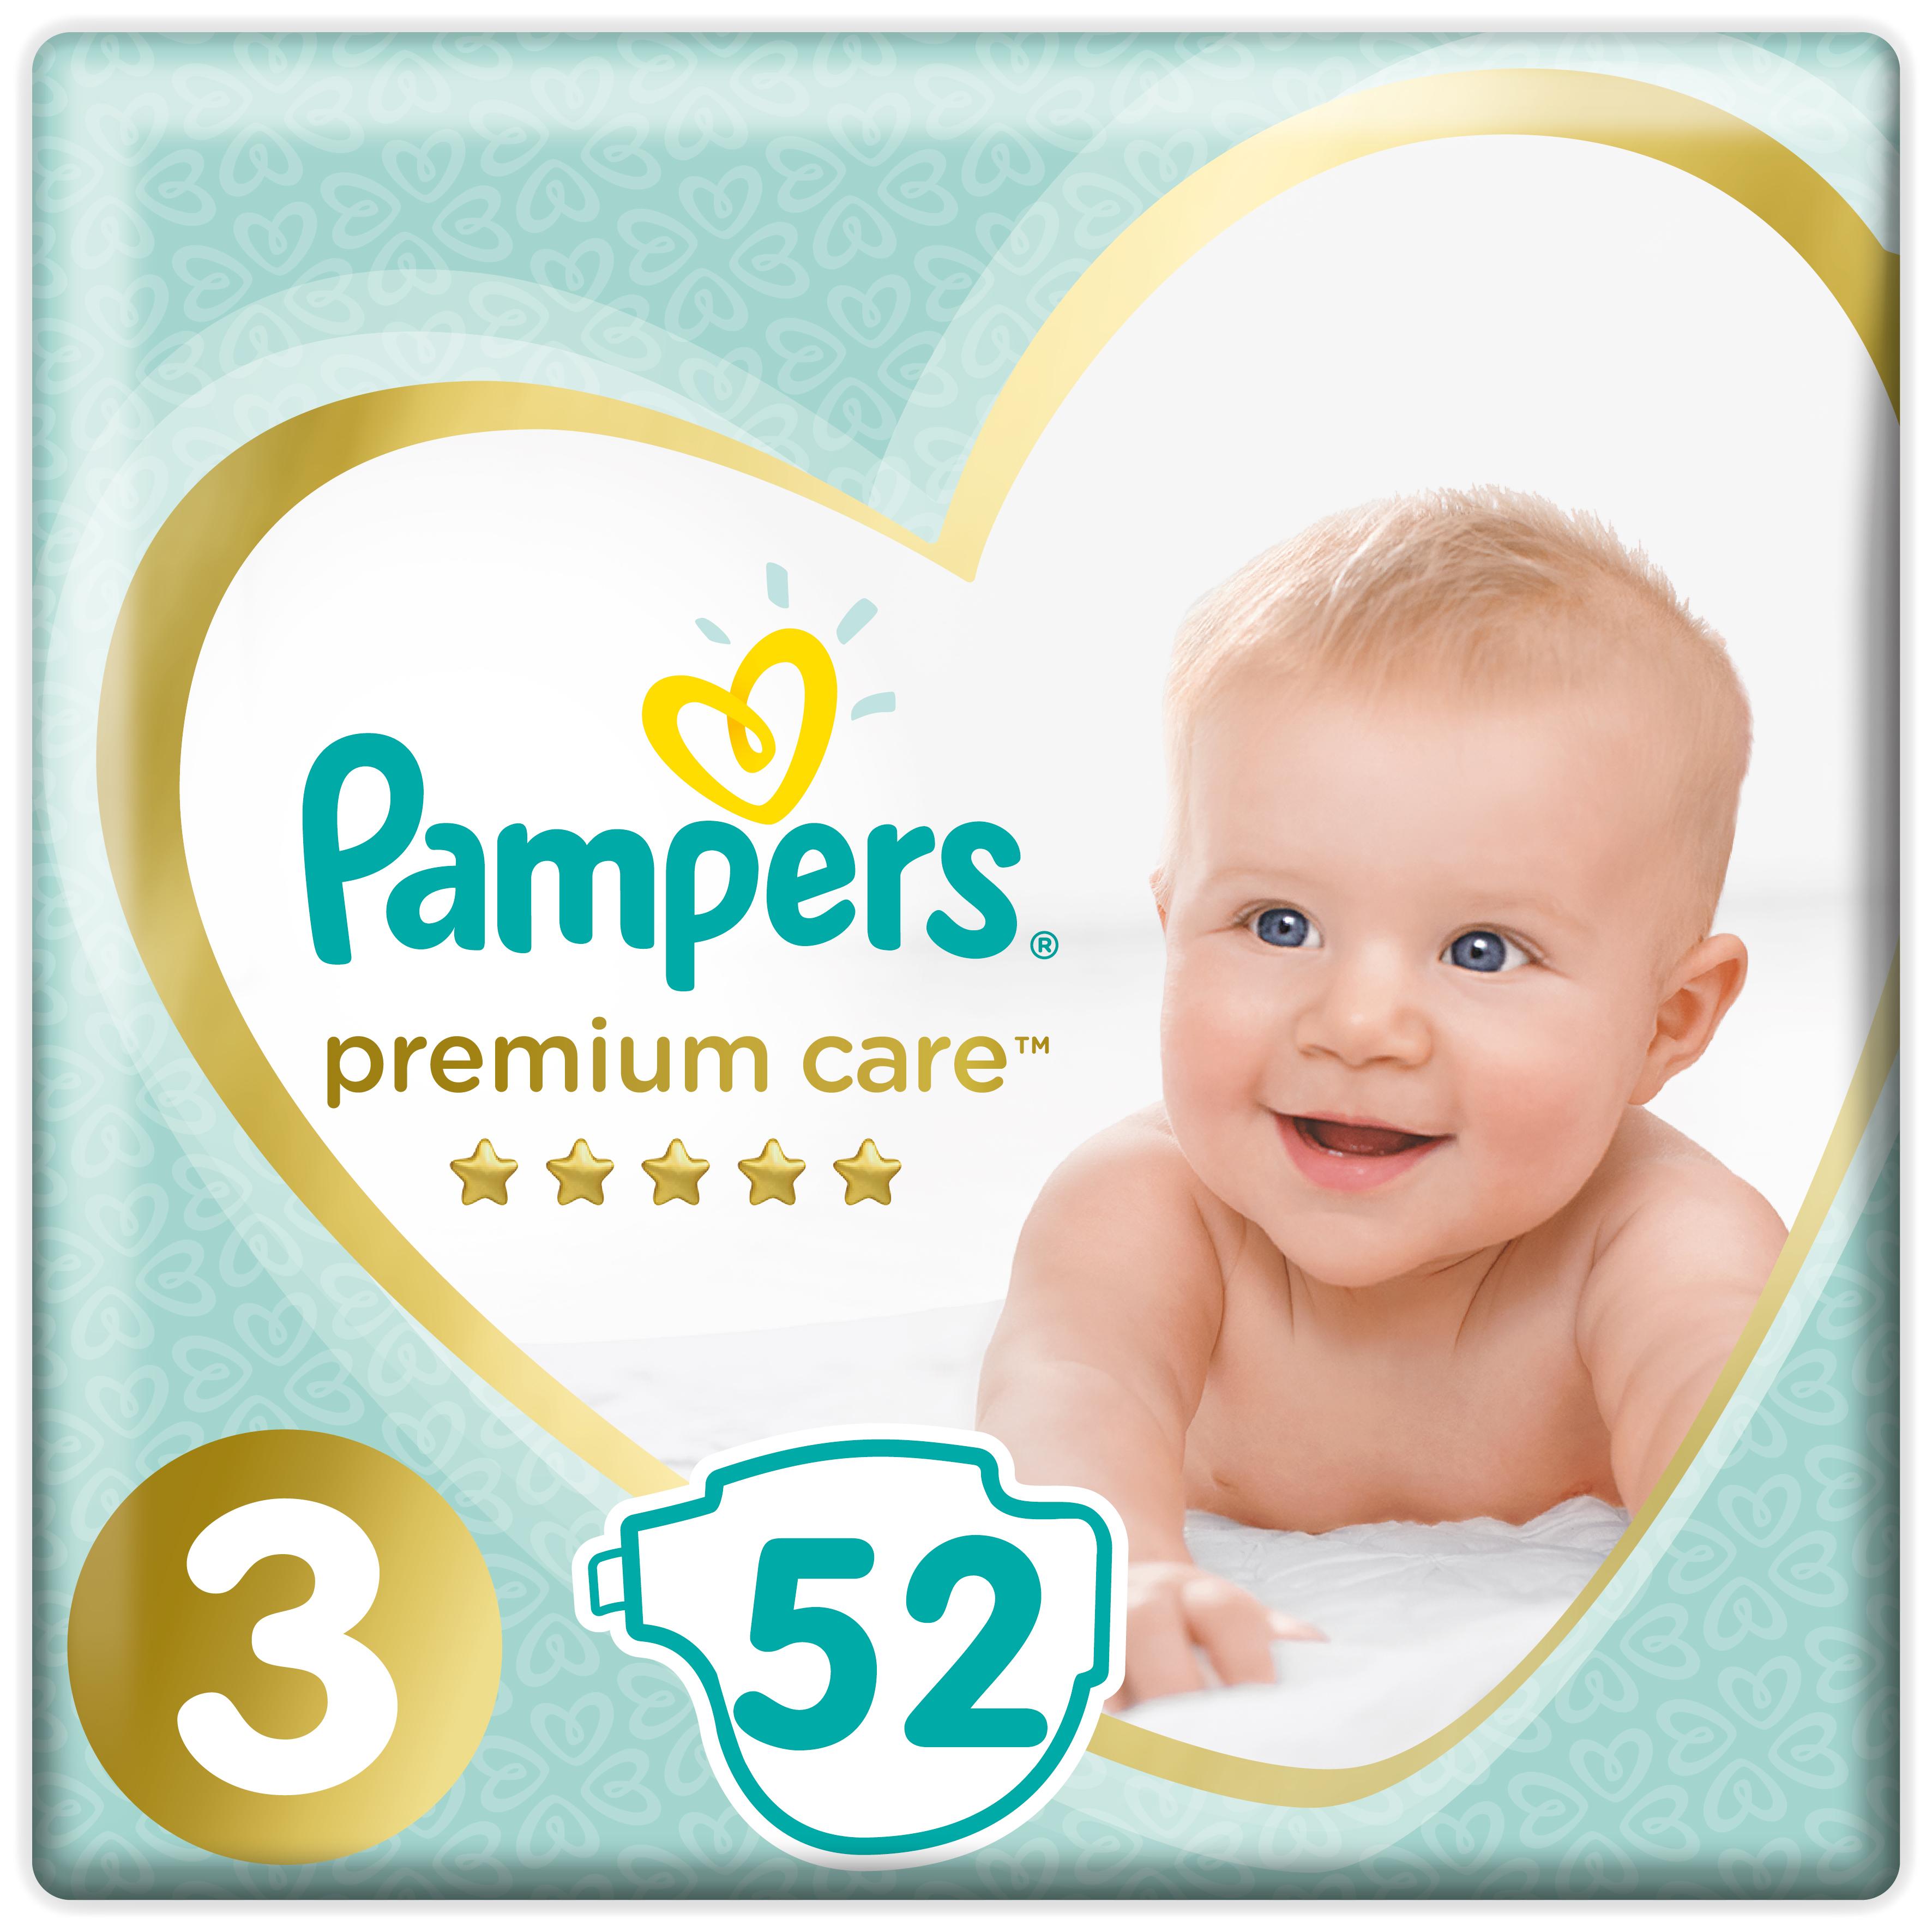 Купить Подгузники Pampers Premium Care Размер 3, 6-10кг, 52 штуки, Подгузники Pampers Premium Care Midi (6-10 кг) Экономичная 52 шт.